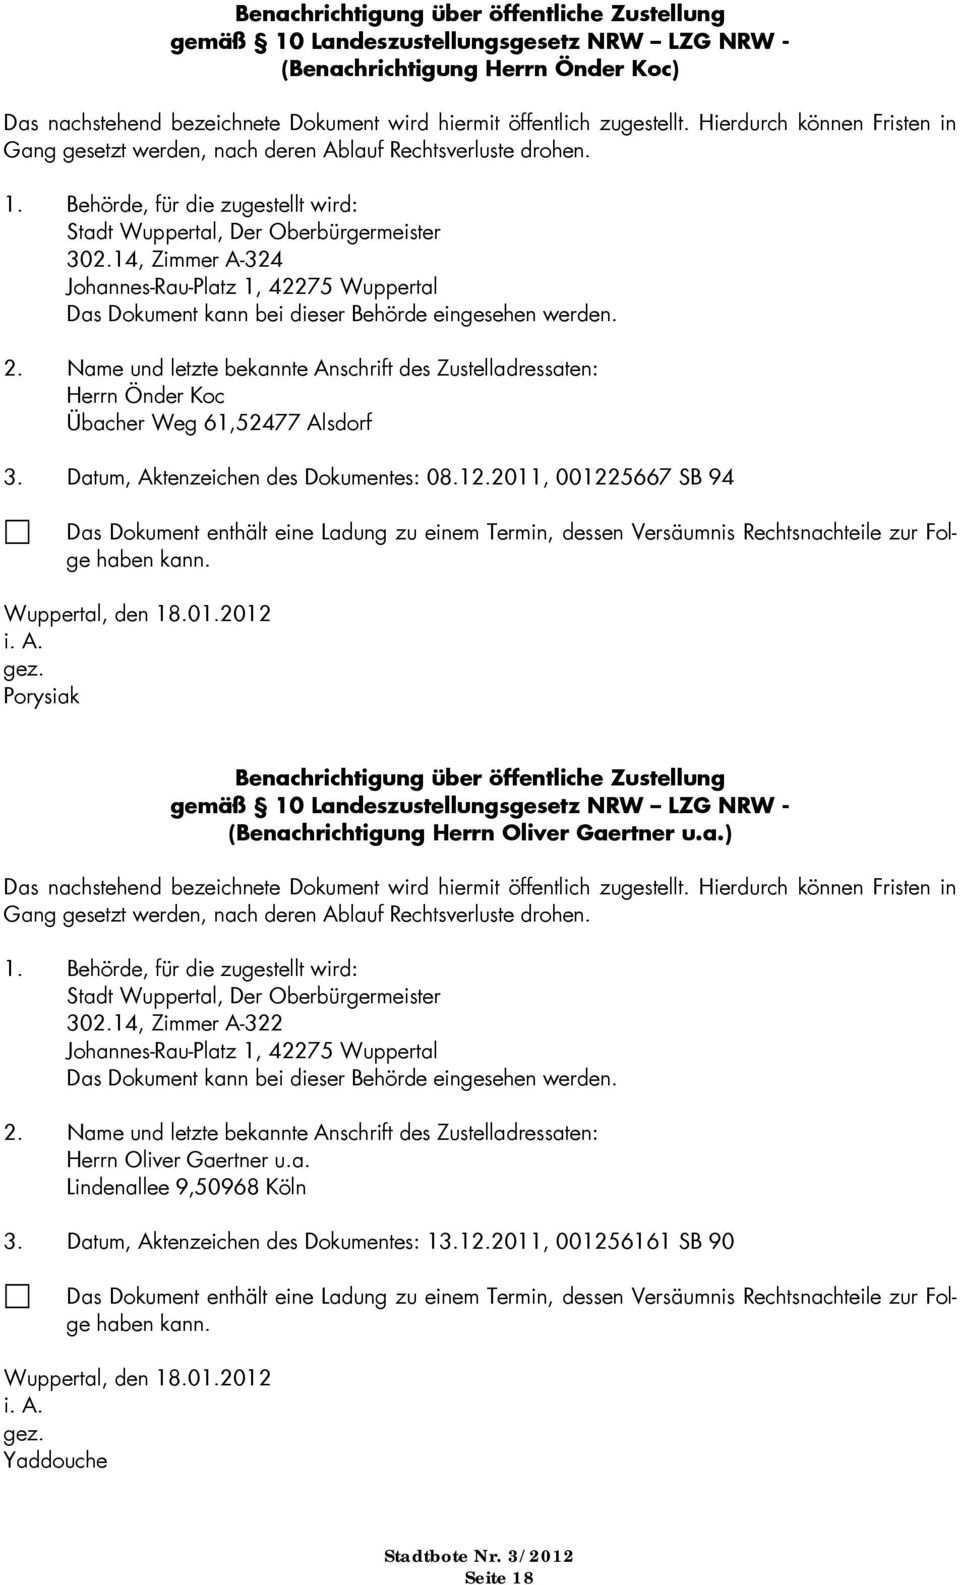 Offentliche Bekanntmachungen Der Stadt Wuppertal Pdf Free Download